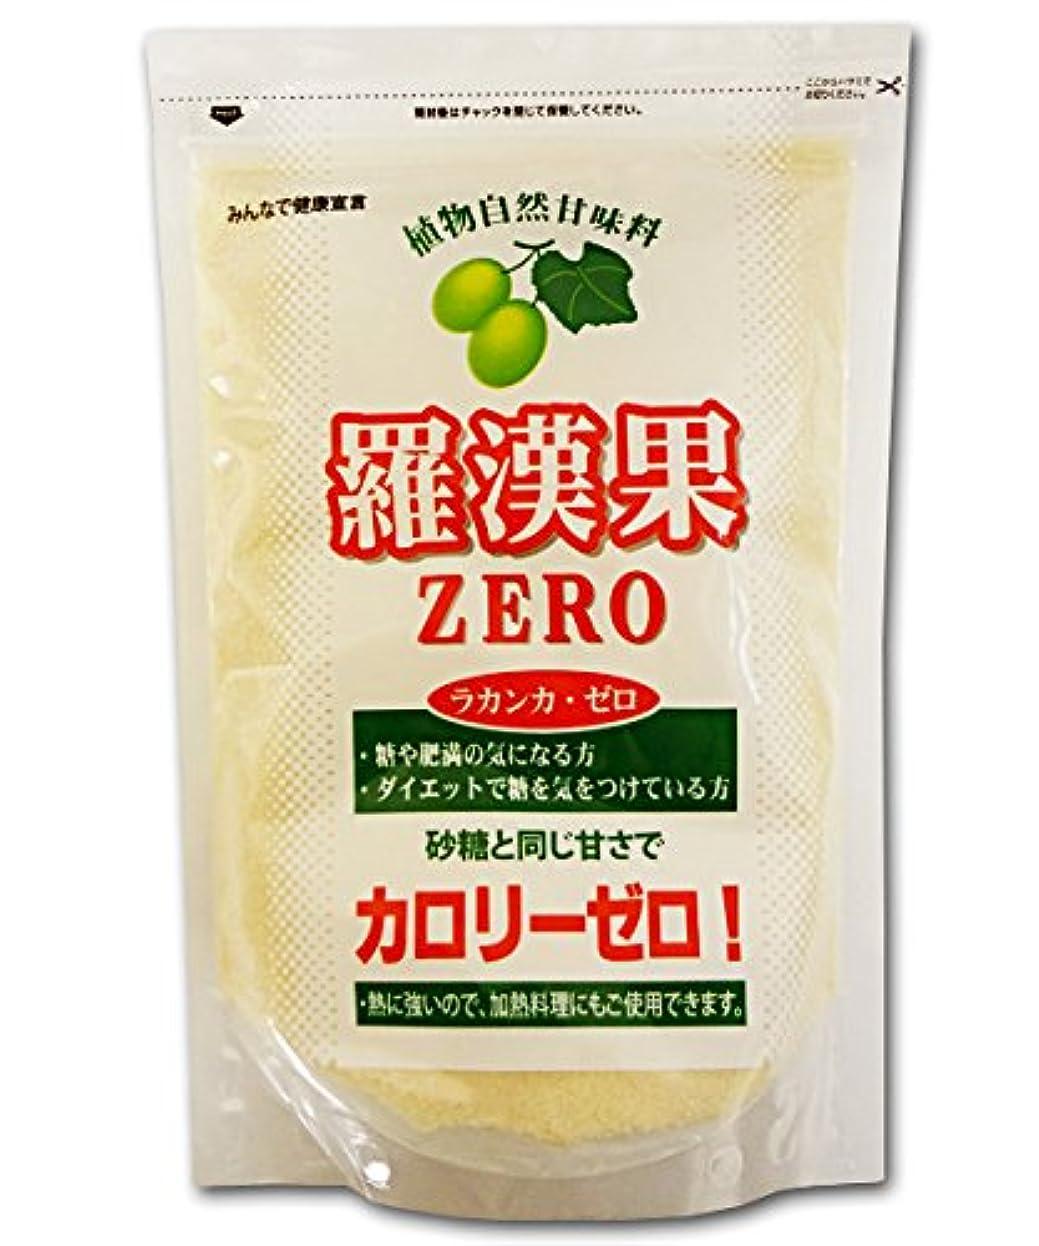 出発する適切に馬鹿琉球ヘルシーフーズ 羅漢果(らかんか)ZERO(ゼロ)1kg